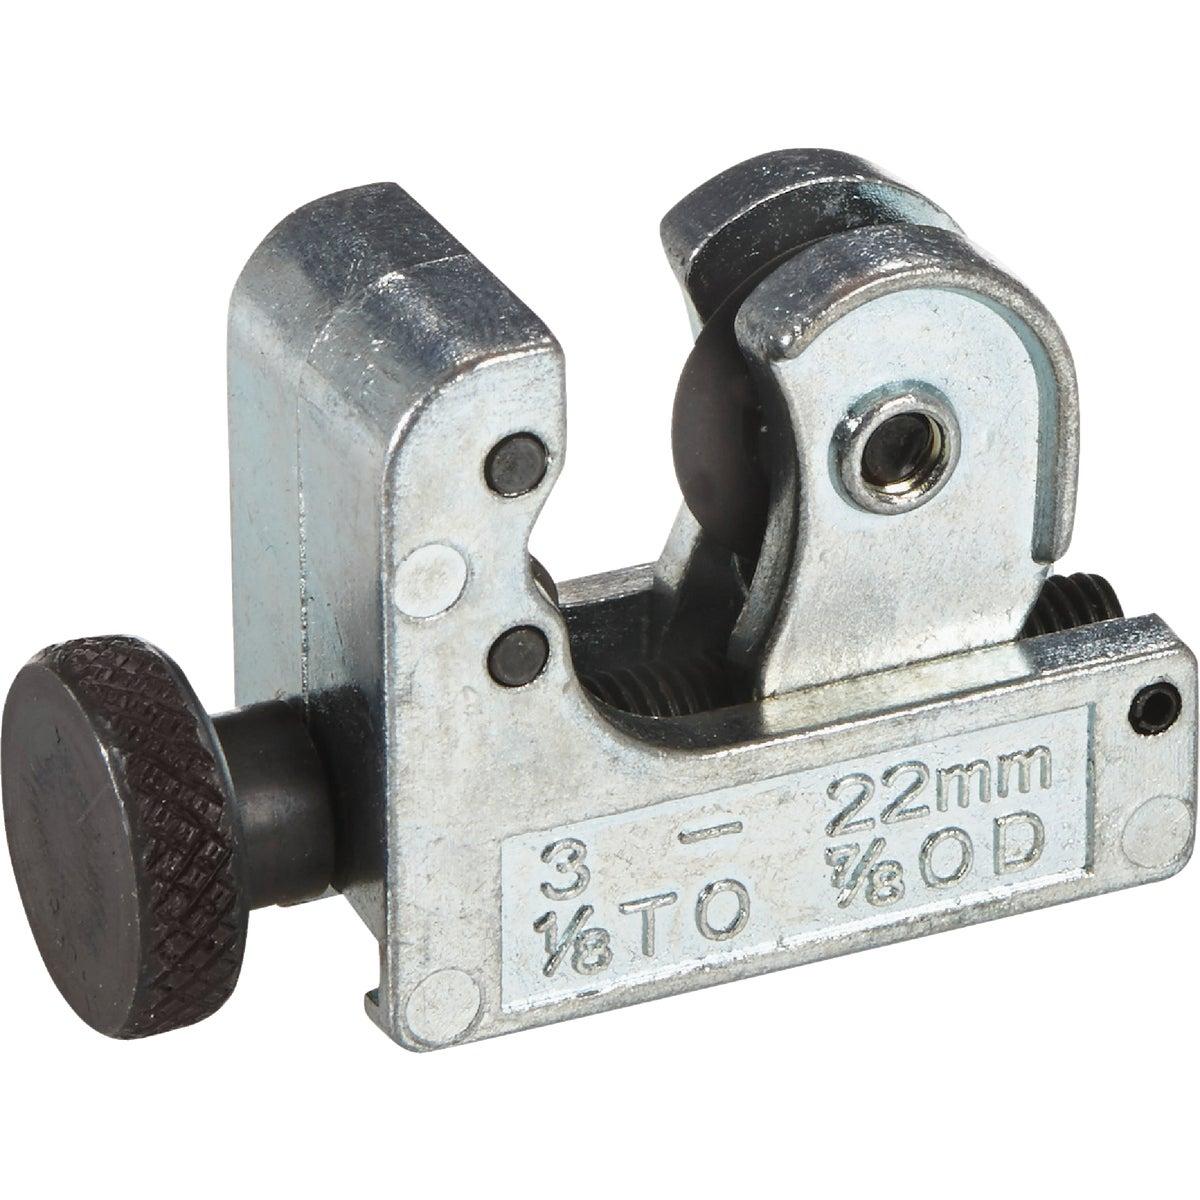 MINI TUBE CUTTER - 408093 by Do it Best